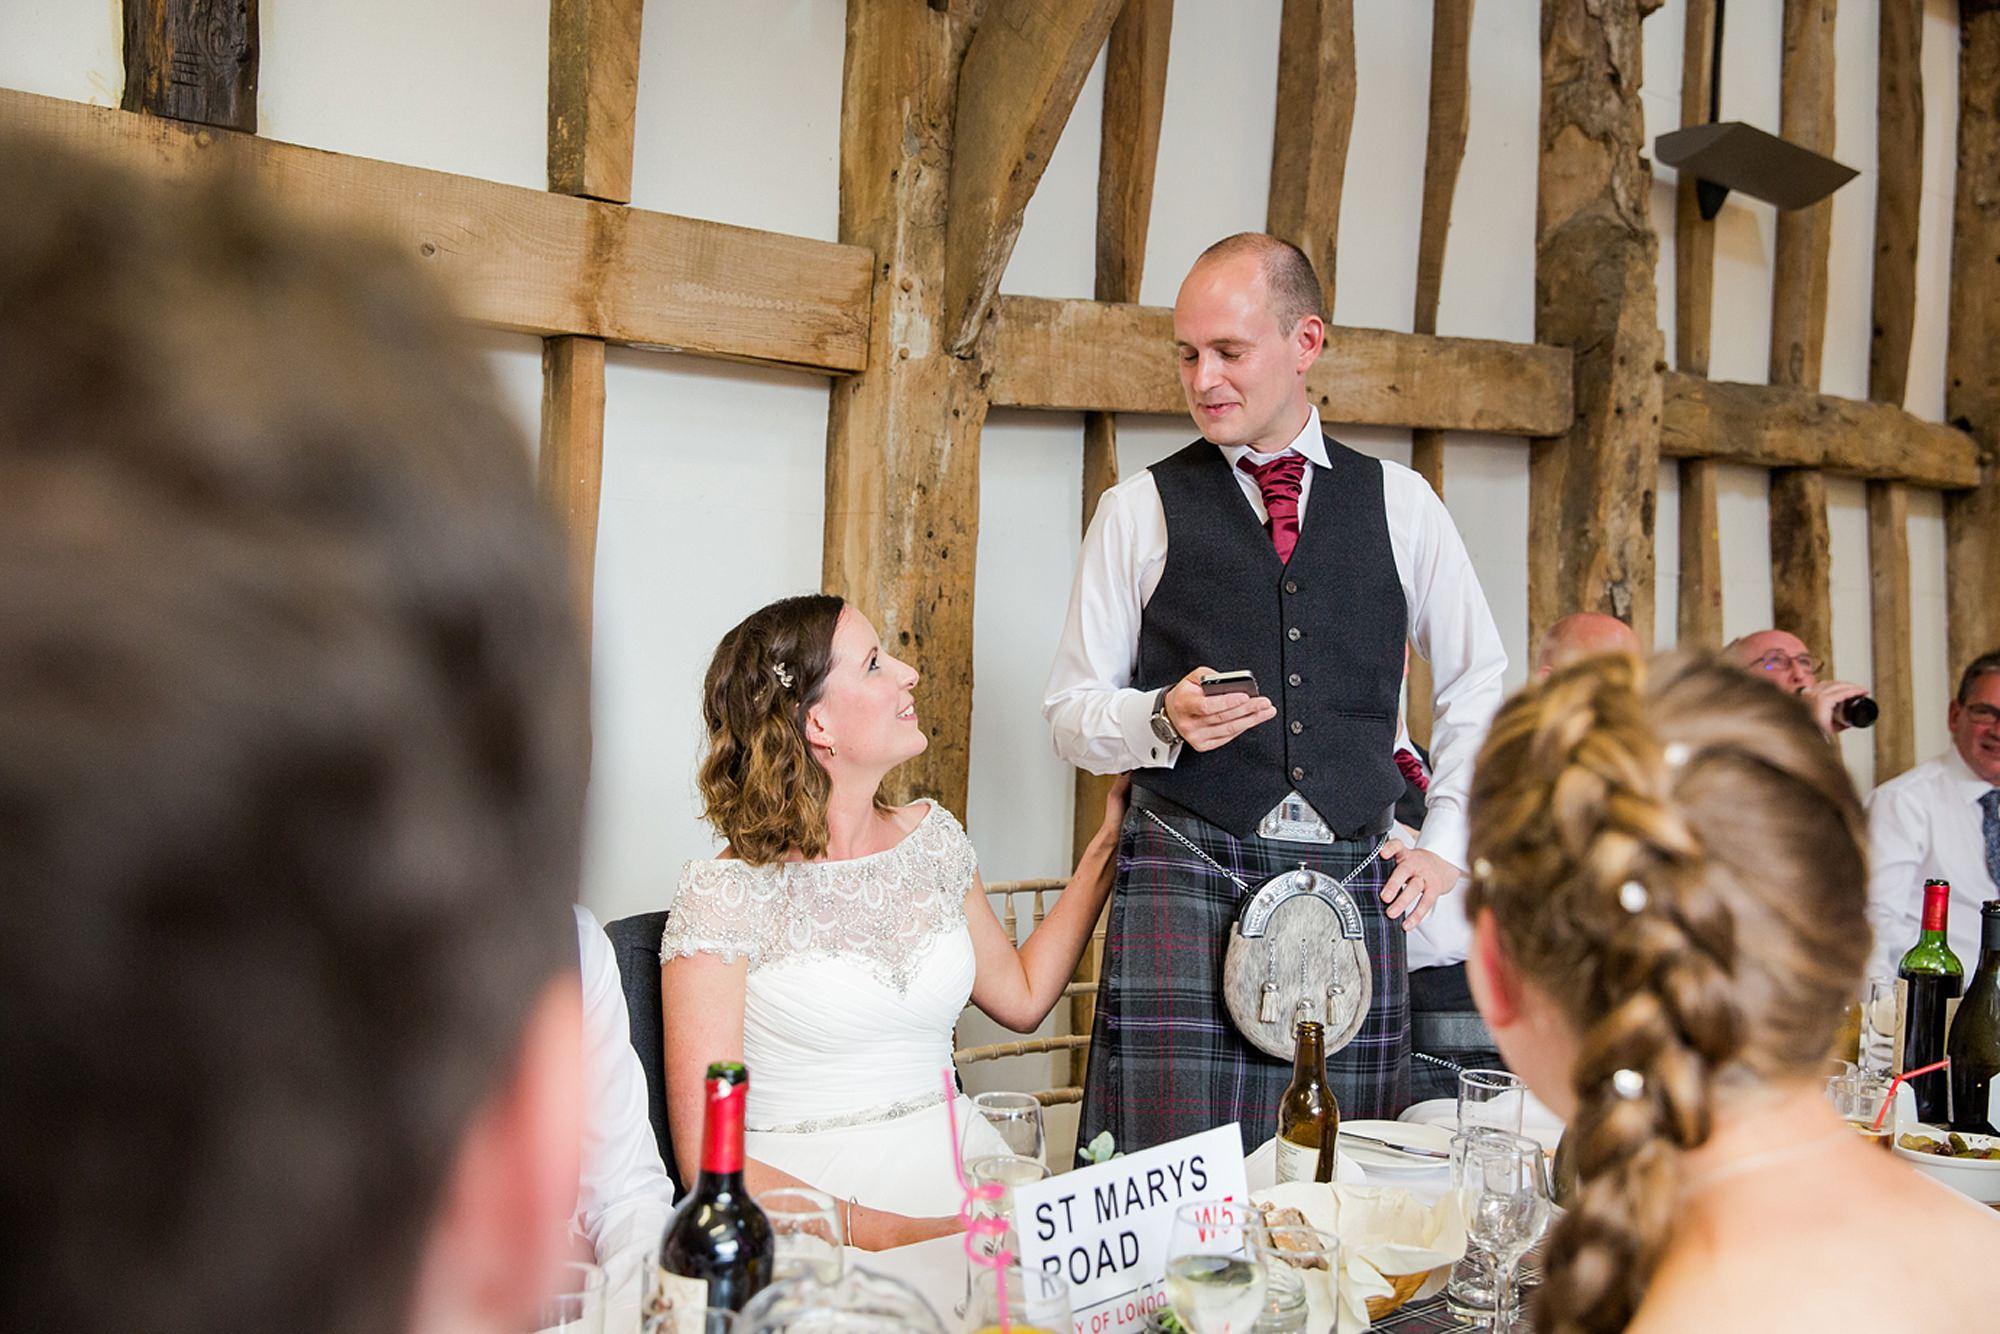 outdoor humanist wedding photography groom's speech to bride